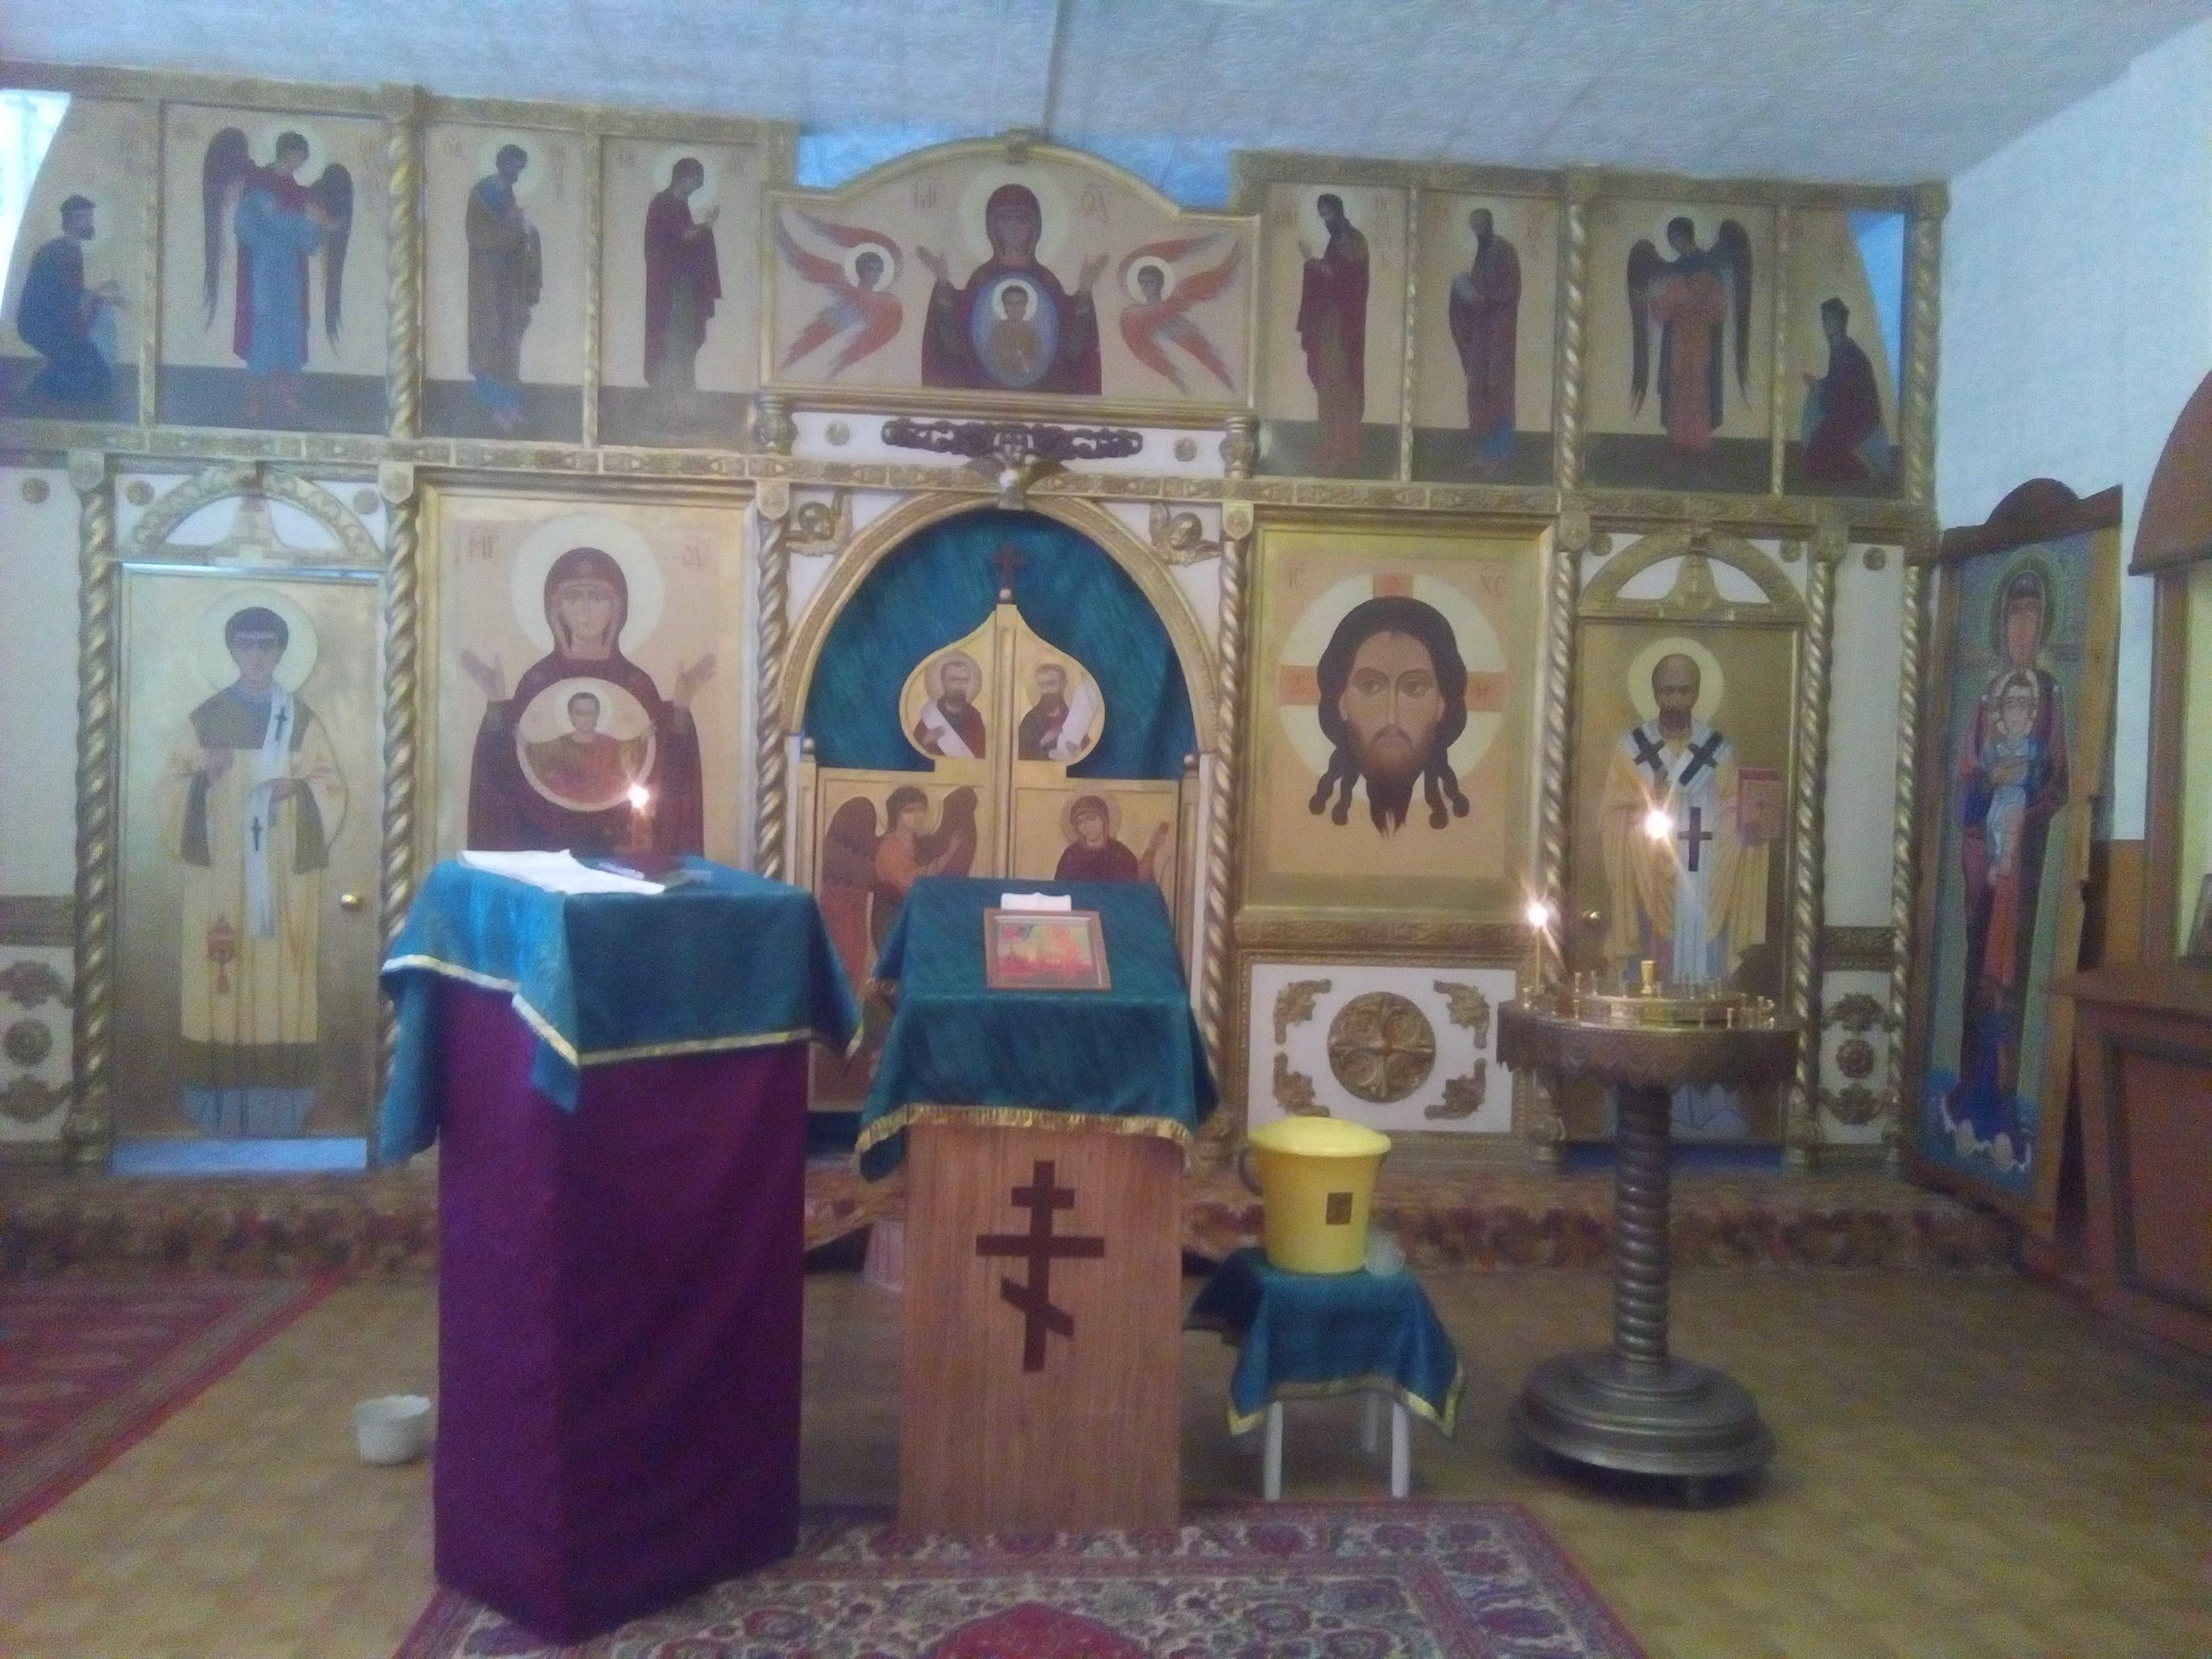 Молитвенная комната в честь святого Василия Блаженного в психиатрической больнице г. Омска